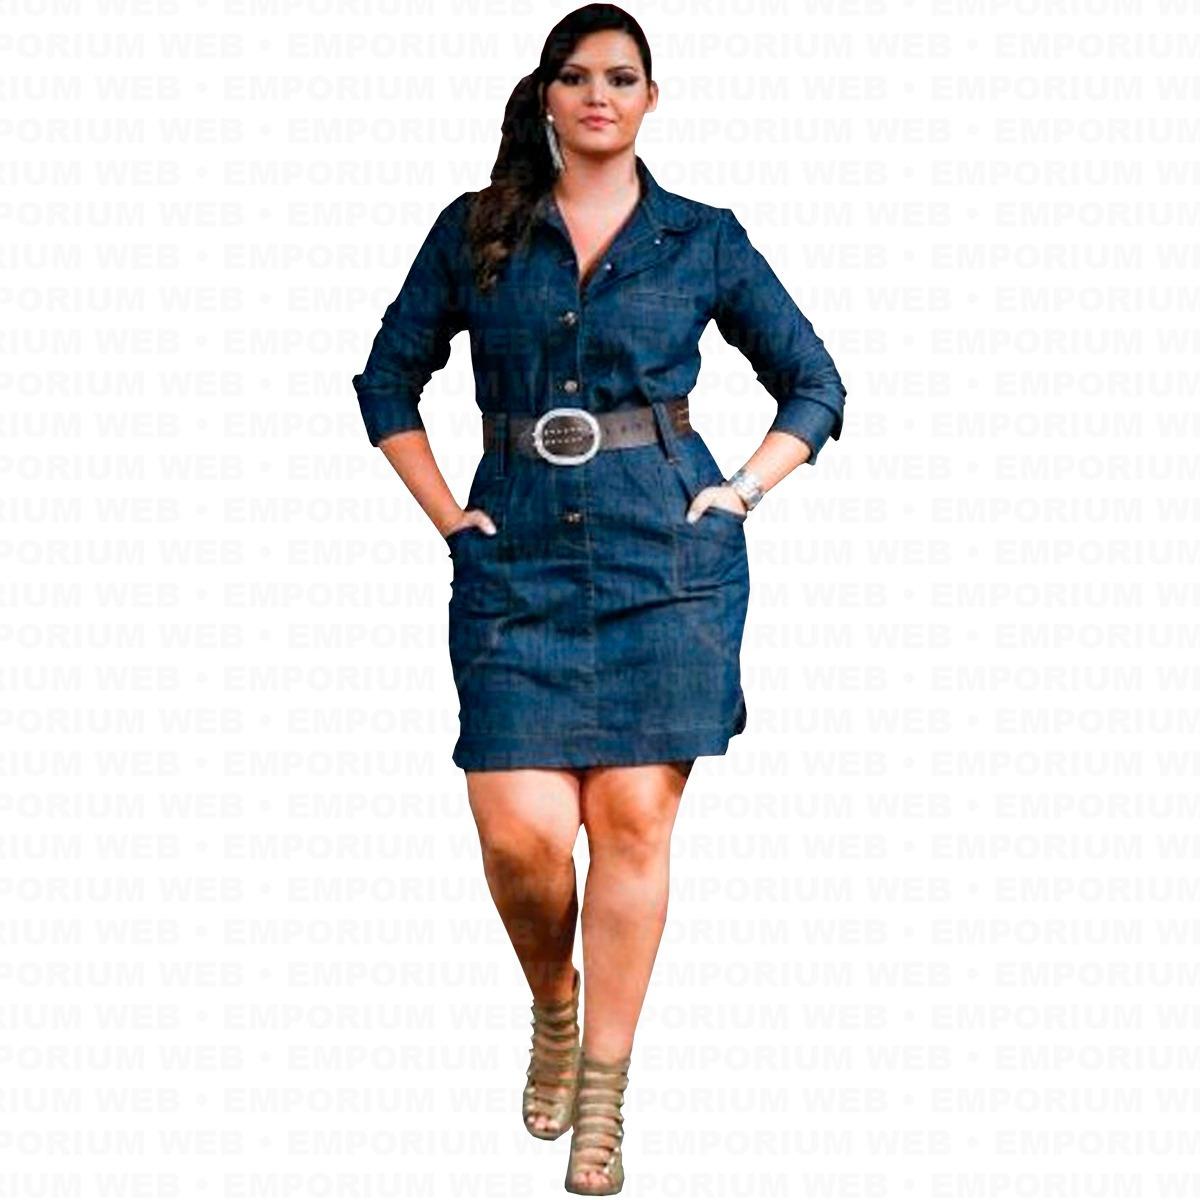 f61d352cc6 vestido jeans manga longa plus size g1 g2 g3 moda blogueira. Carregando zoom .